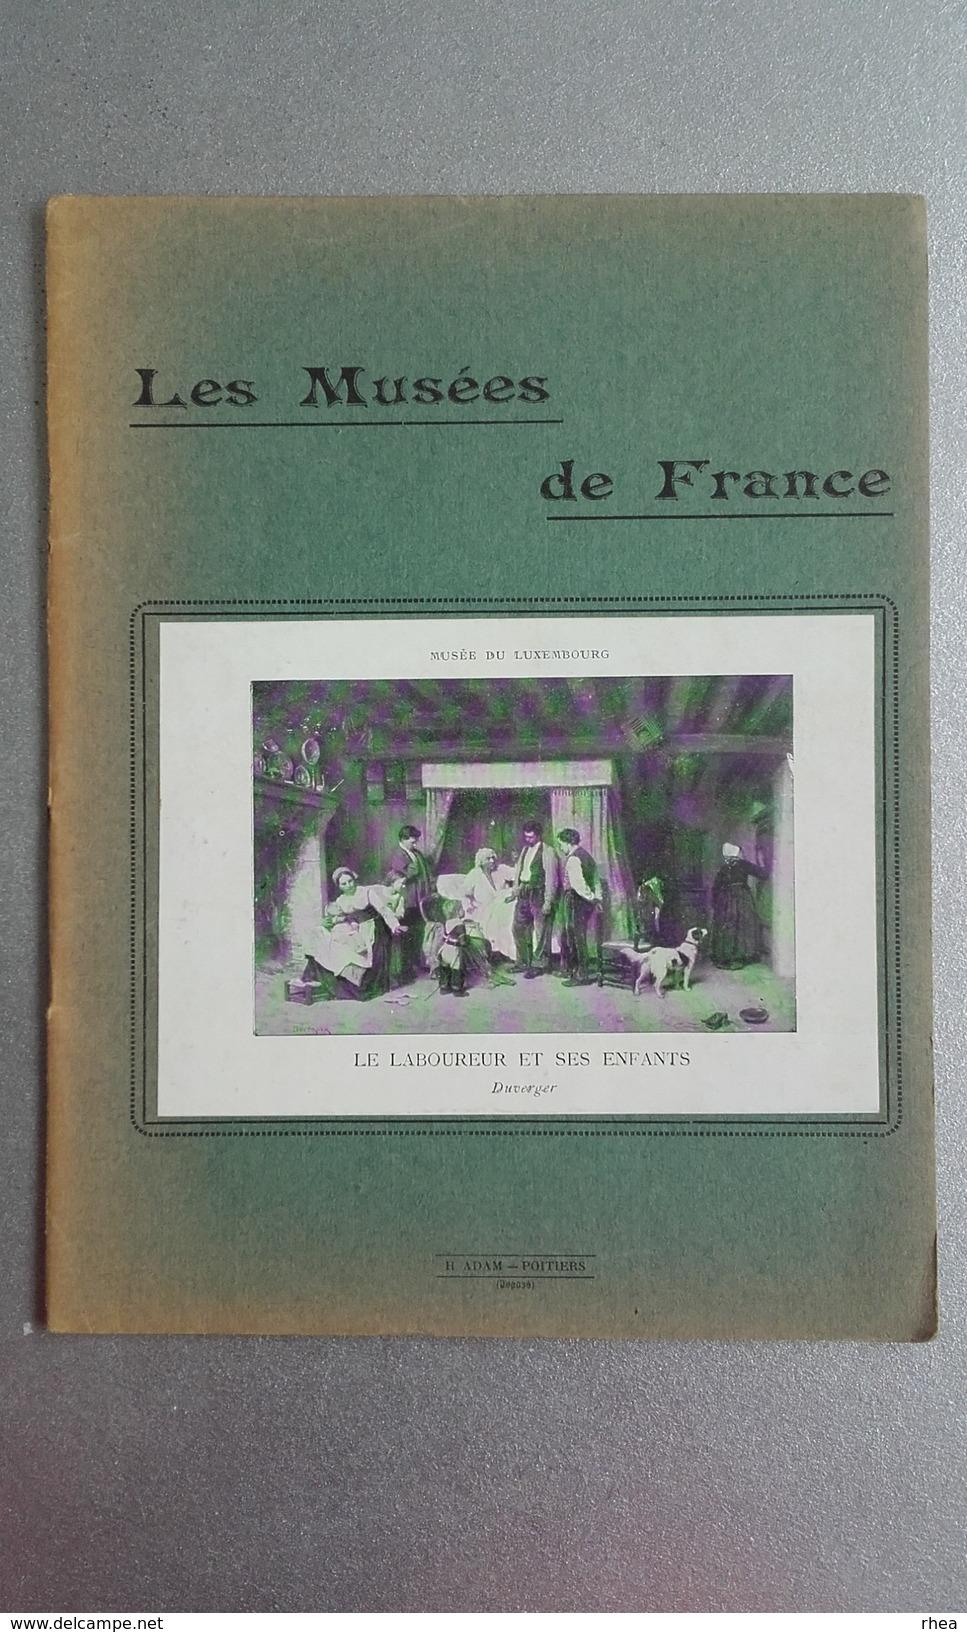 CAHIER D'ECOLIER - Les Musées De France - Musée Du Luxembourg - Le Laboureur Et Ses Enfants De Duverger - Non Classés